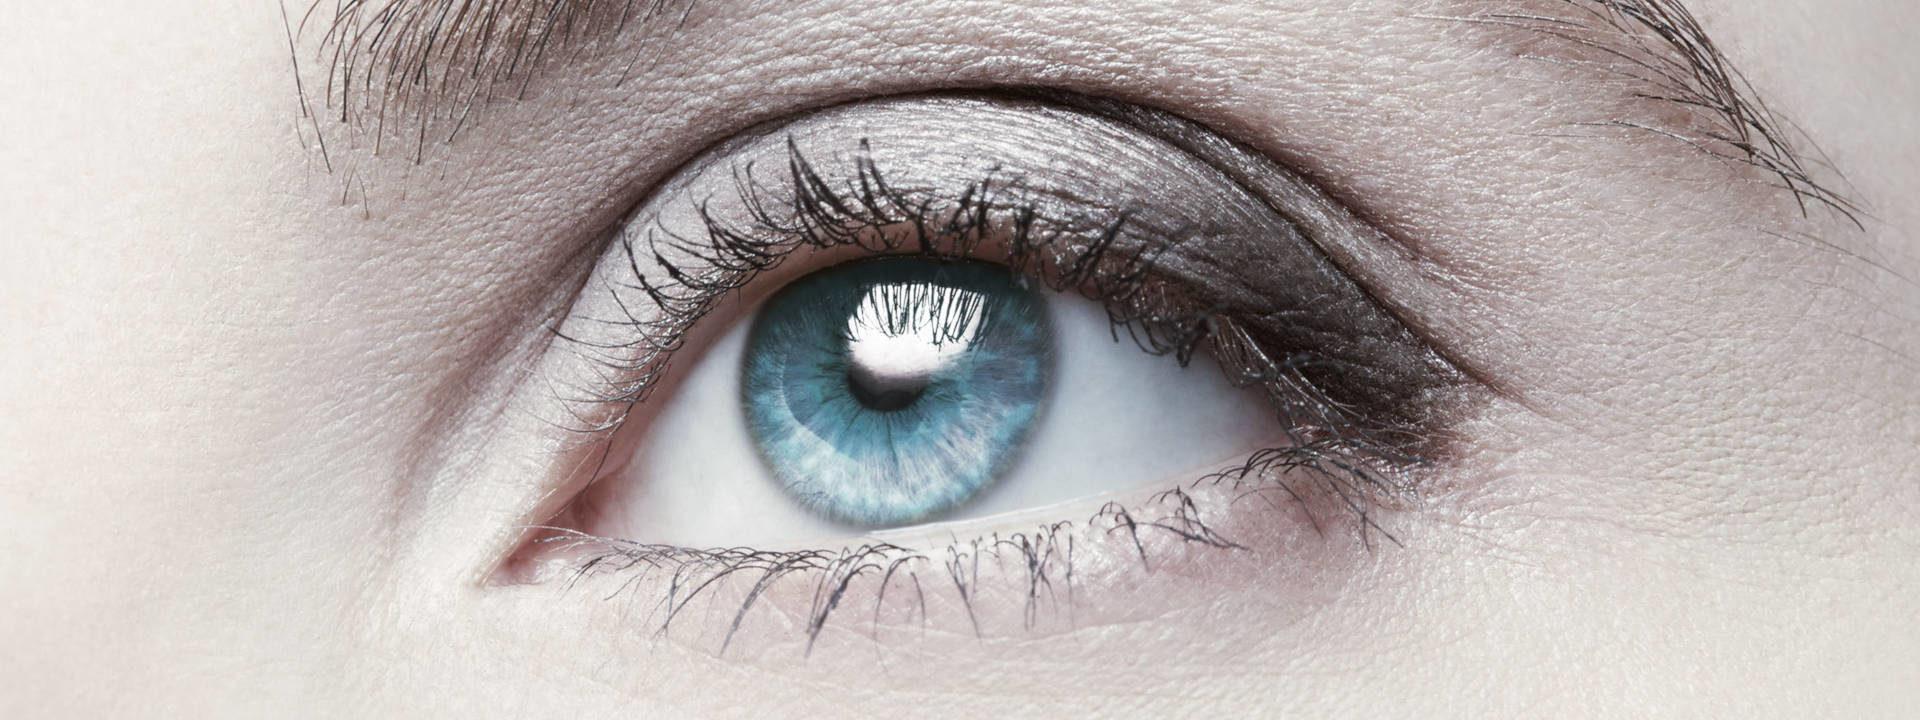 Cationorm zdjęcie oka